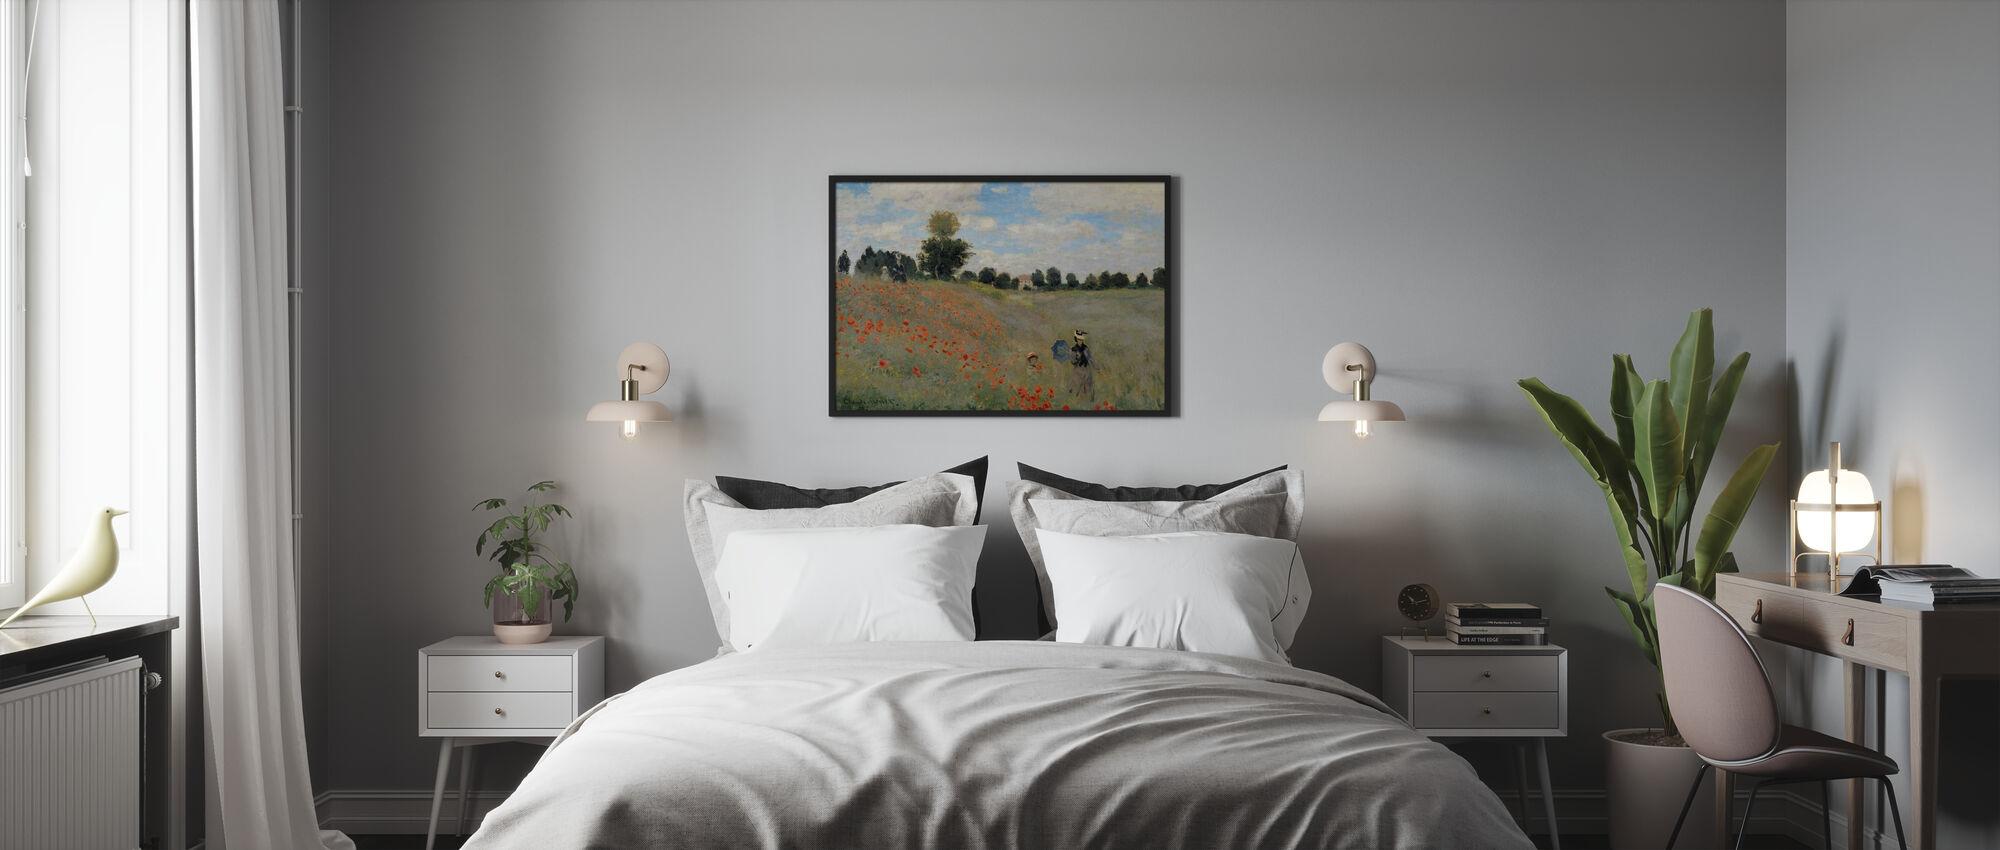 Papaveri Selvatici - Claude Monet - Poster - Camera da letto